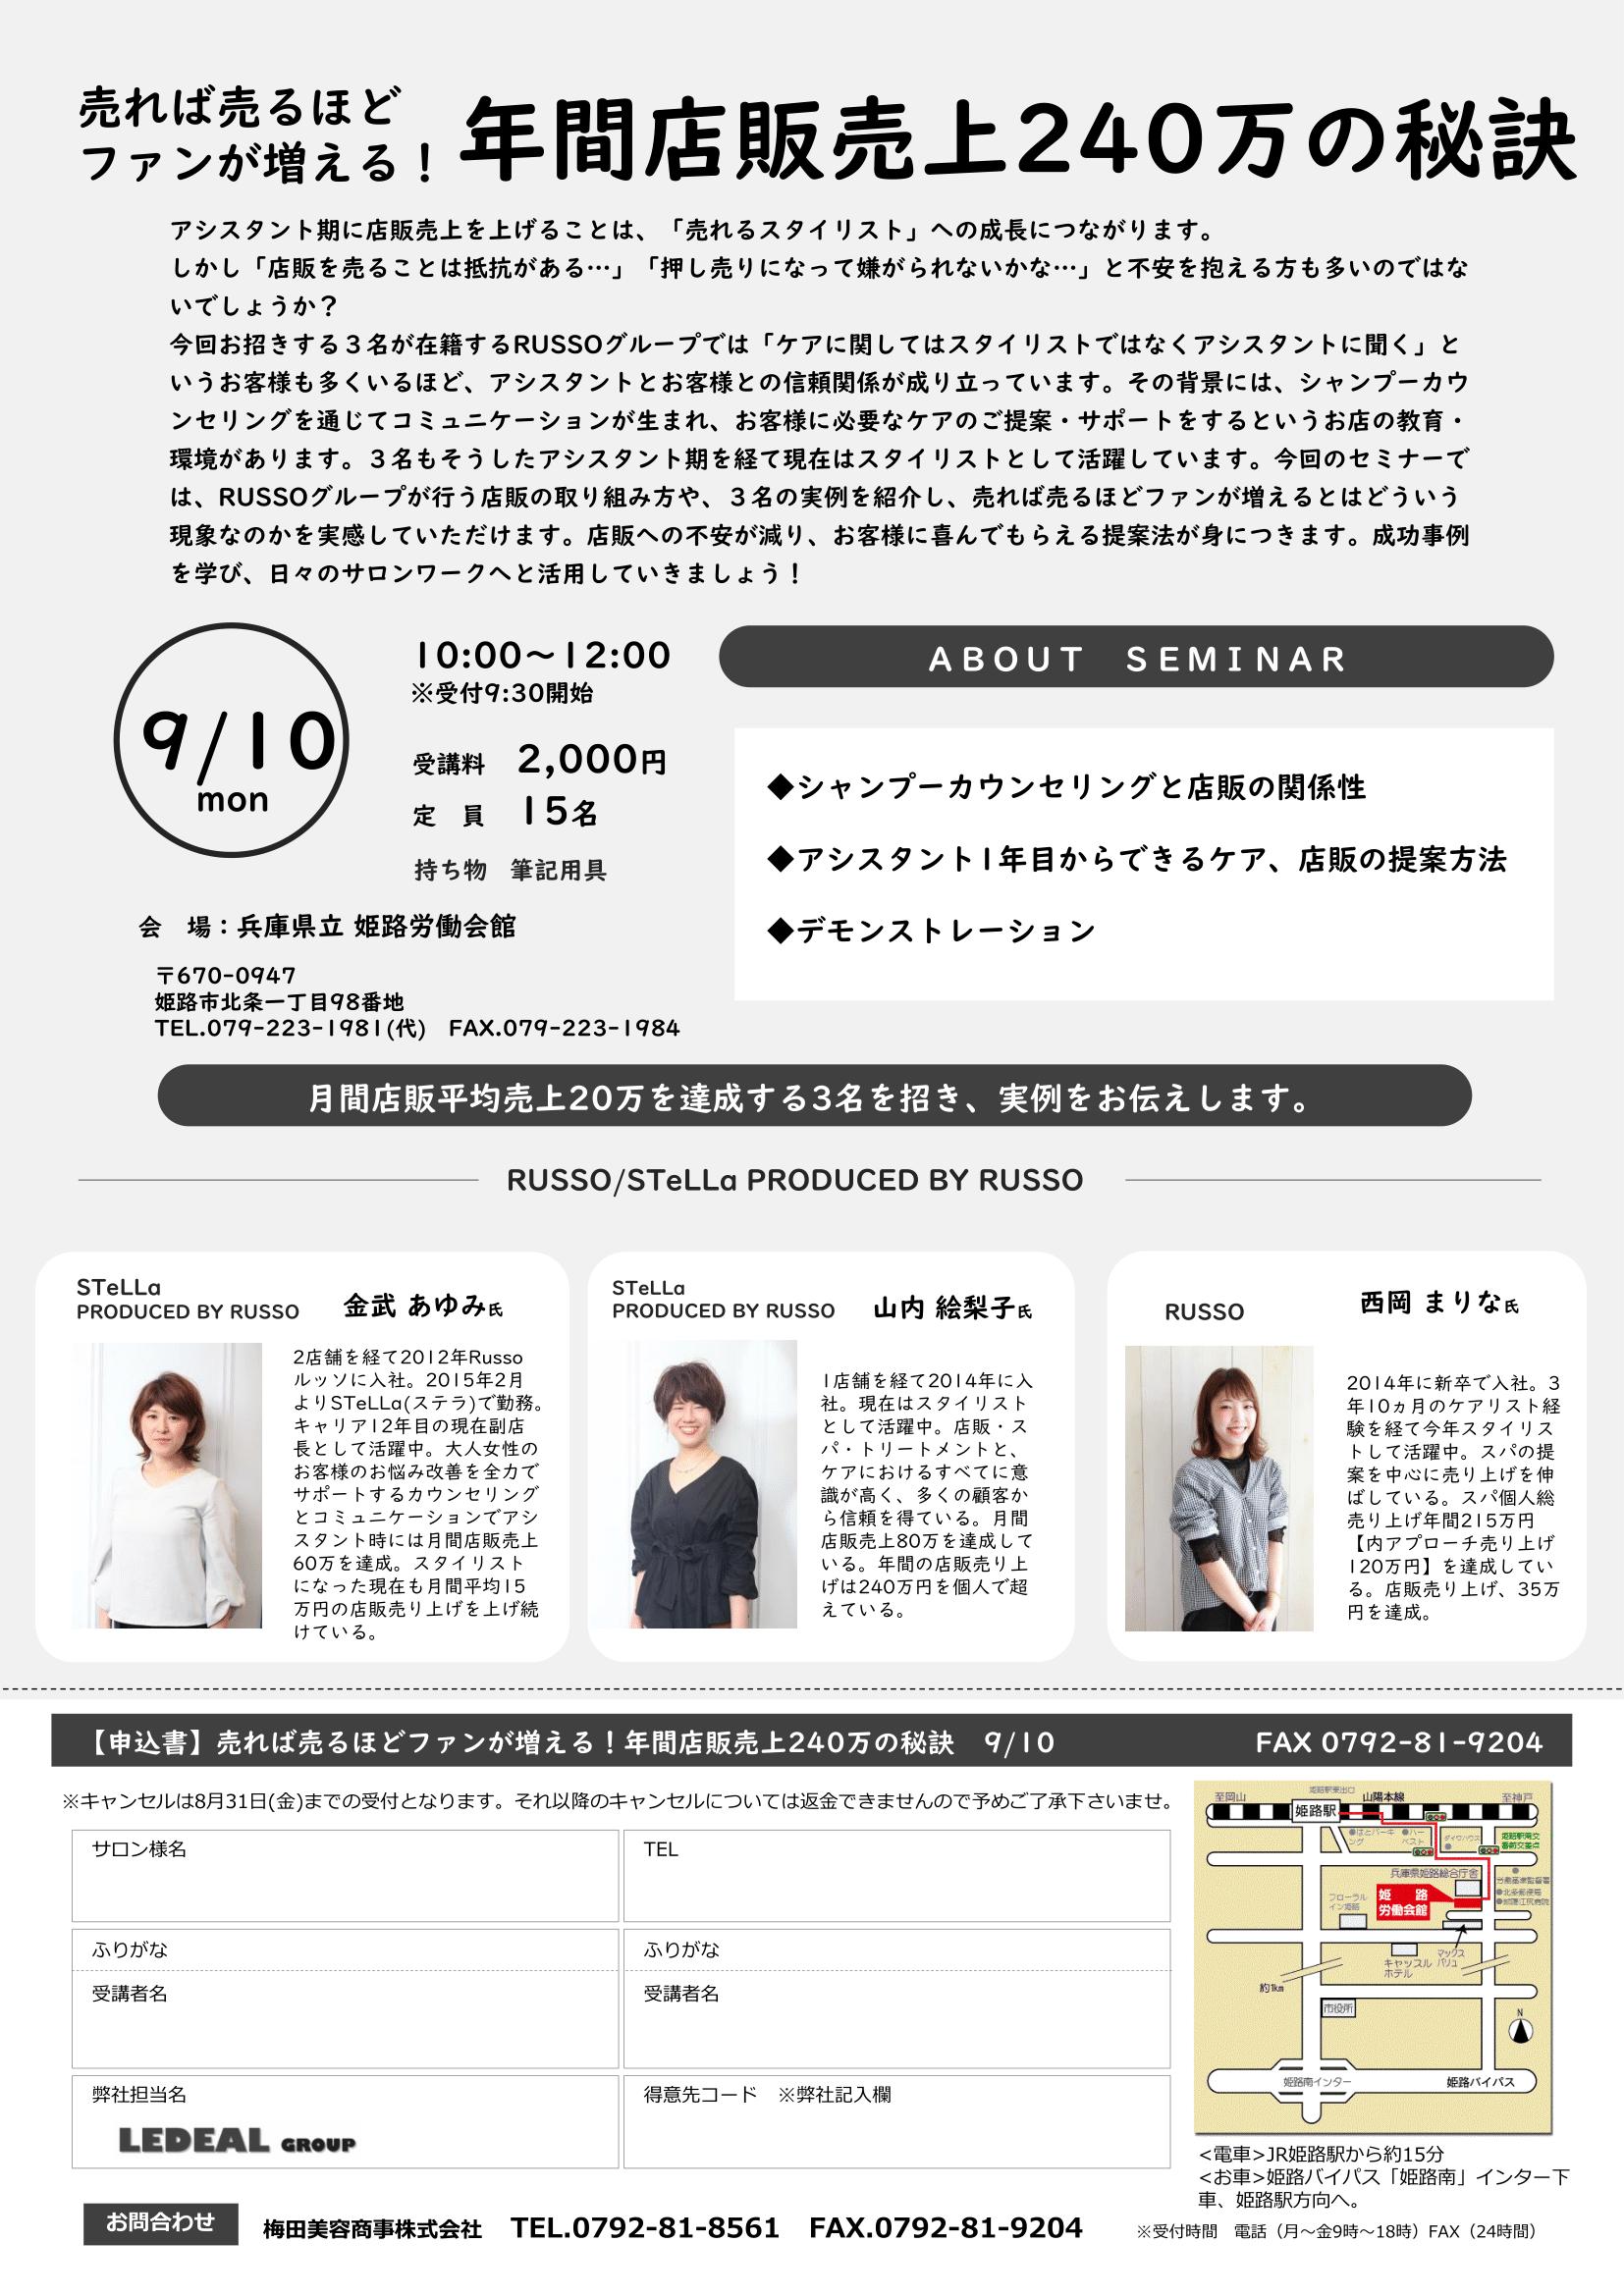 【姫路】年間店販売上240万の秘訣